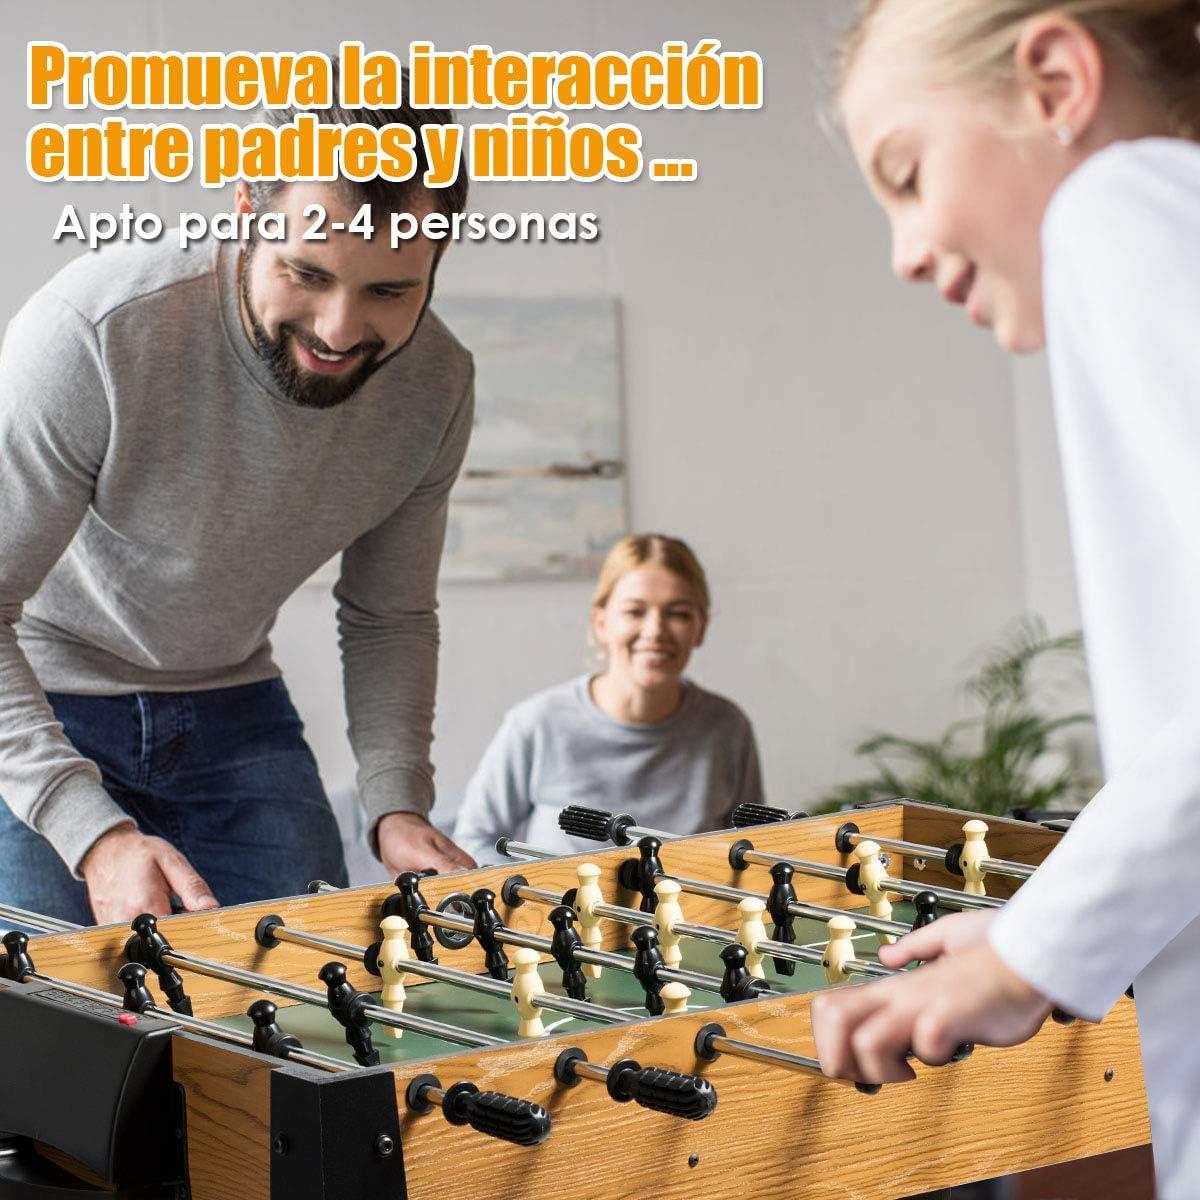 COSTWAY Futbolín para Adultos y Niños Mesa de Juego Futbolín de Madera 122x61x79centímetros para Bar Casa Fiesta Cuarto de Juegos: Amazon.es: Juguetes y juegos